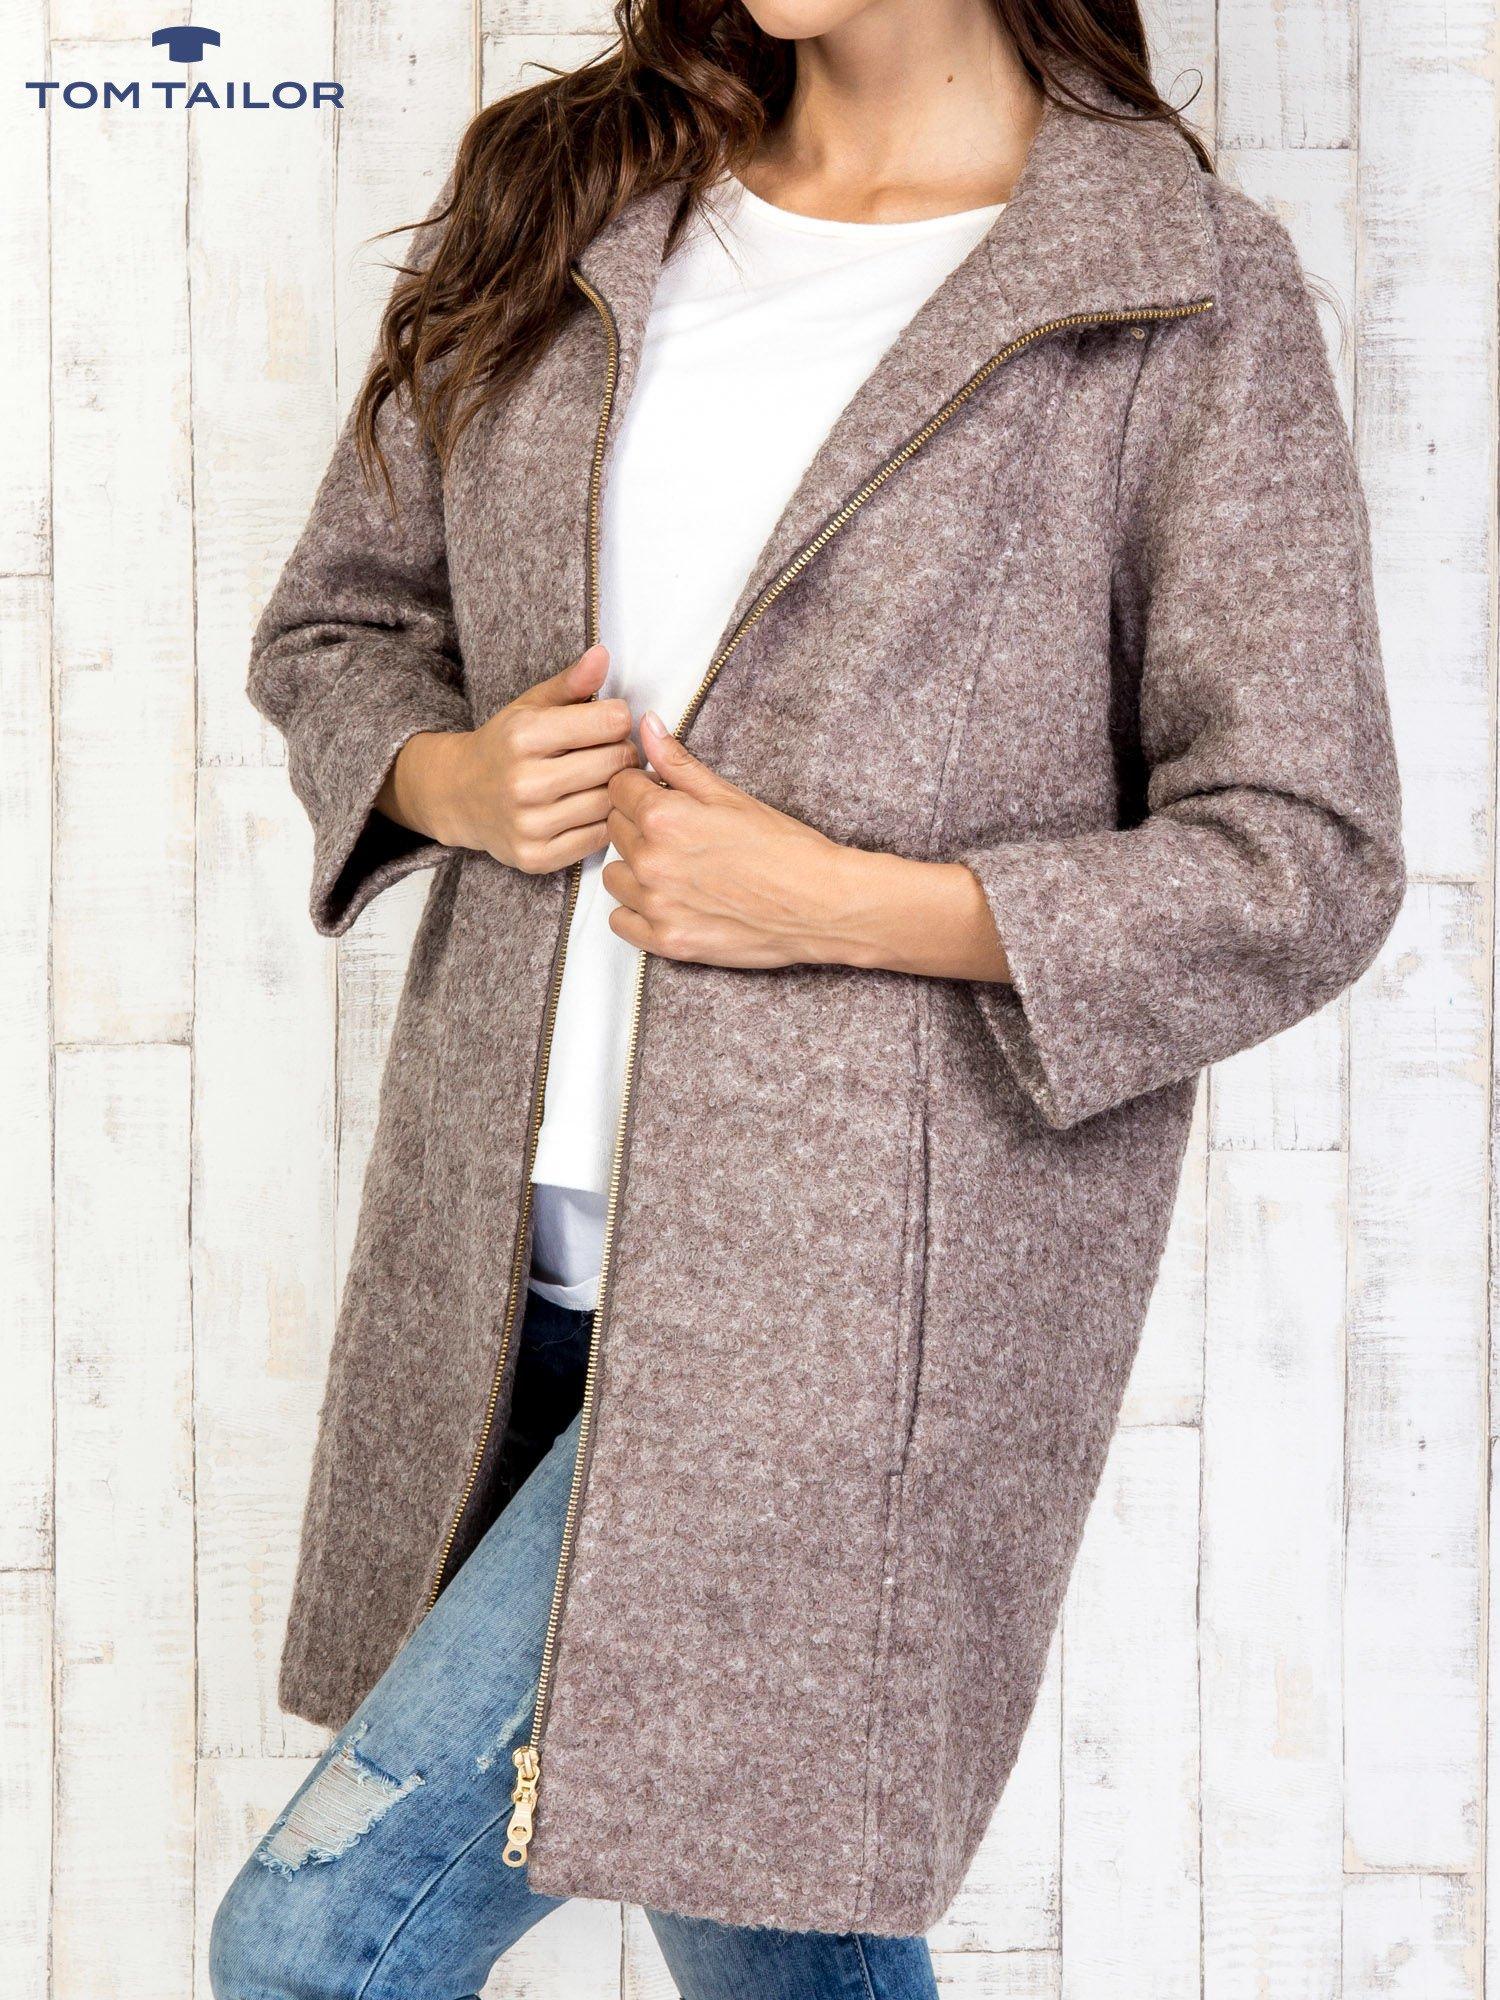 TOM TAILOR Brązowy dwuczęściowy płaszcz z kurtką pikowaną                                  zdj.                                  17